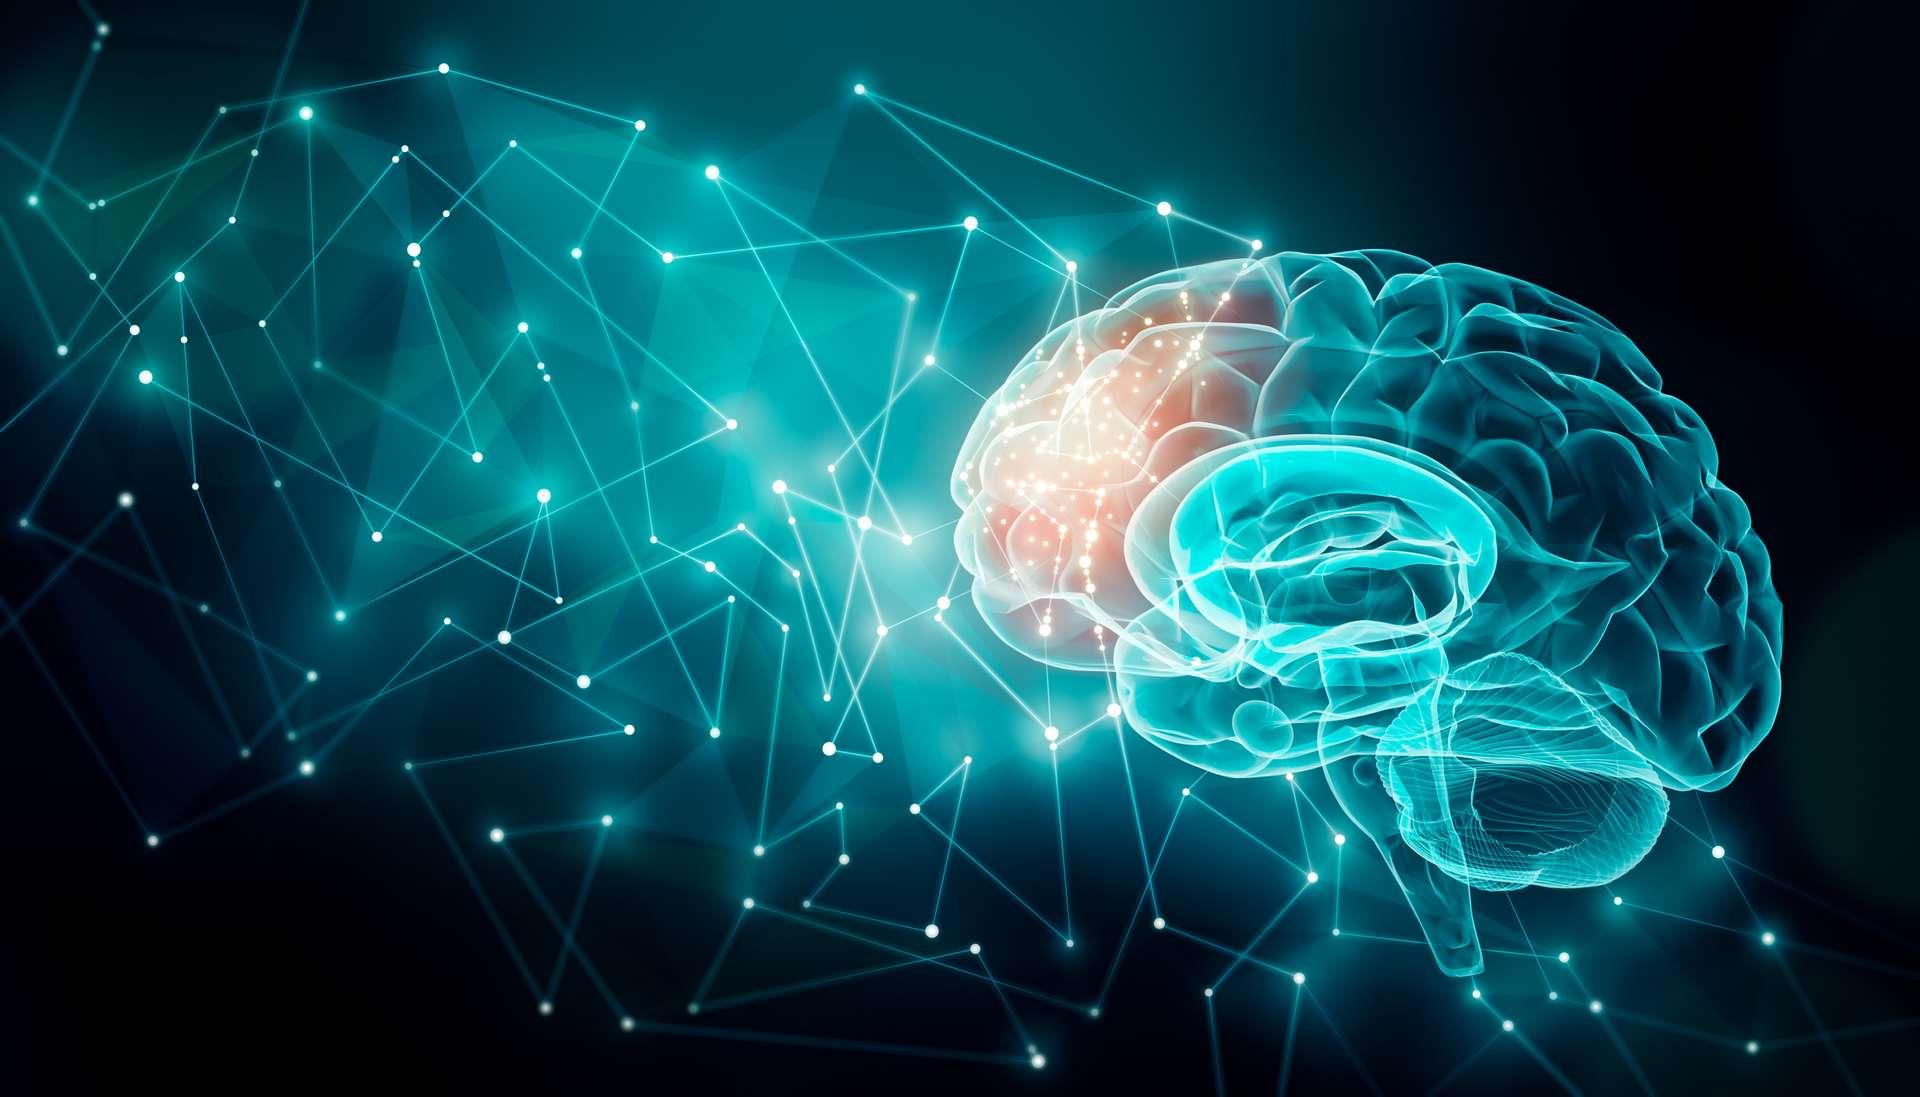 La plasticité cérébrale demeure un mystère non résolu, mais un pas de plus vient d'être fait vers sa compréhension. © Matthieu, Adobe Stock